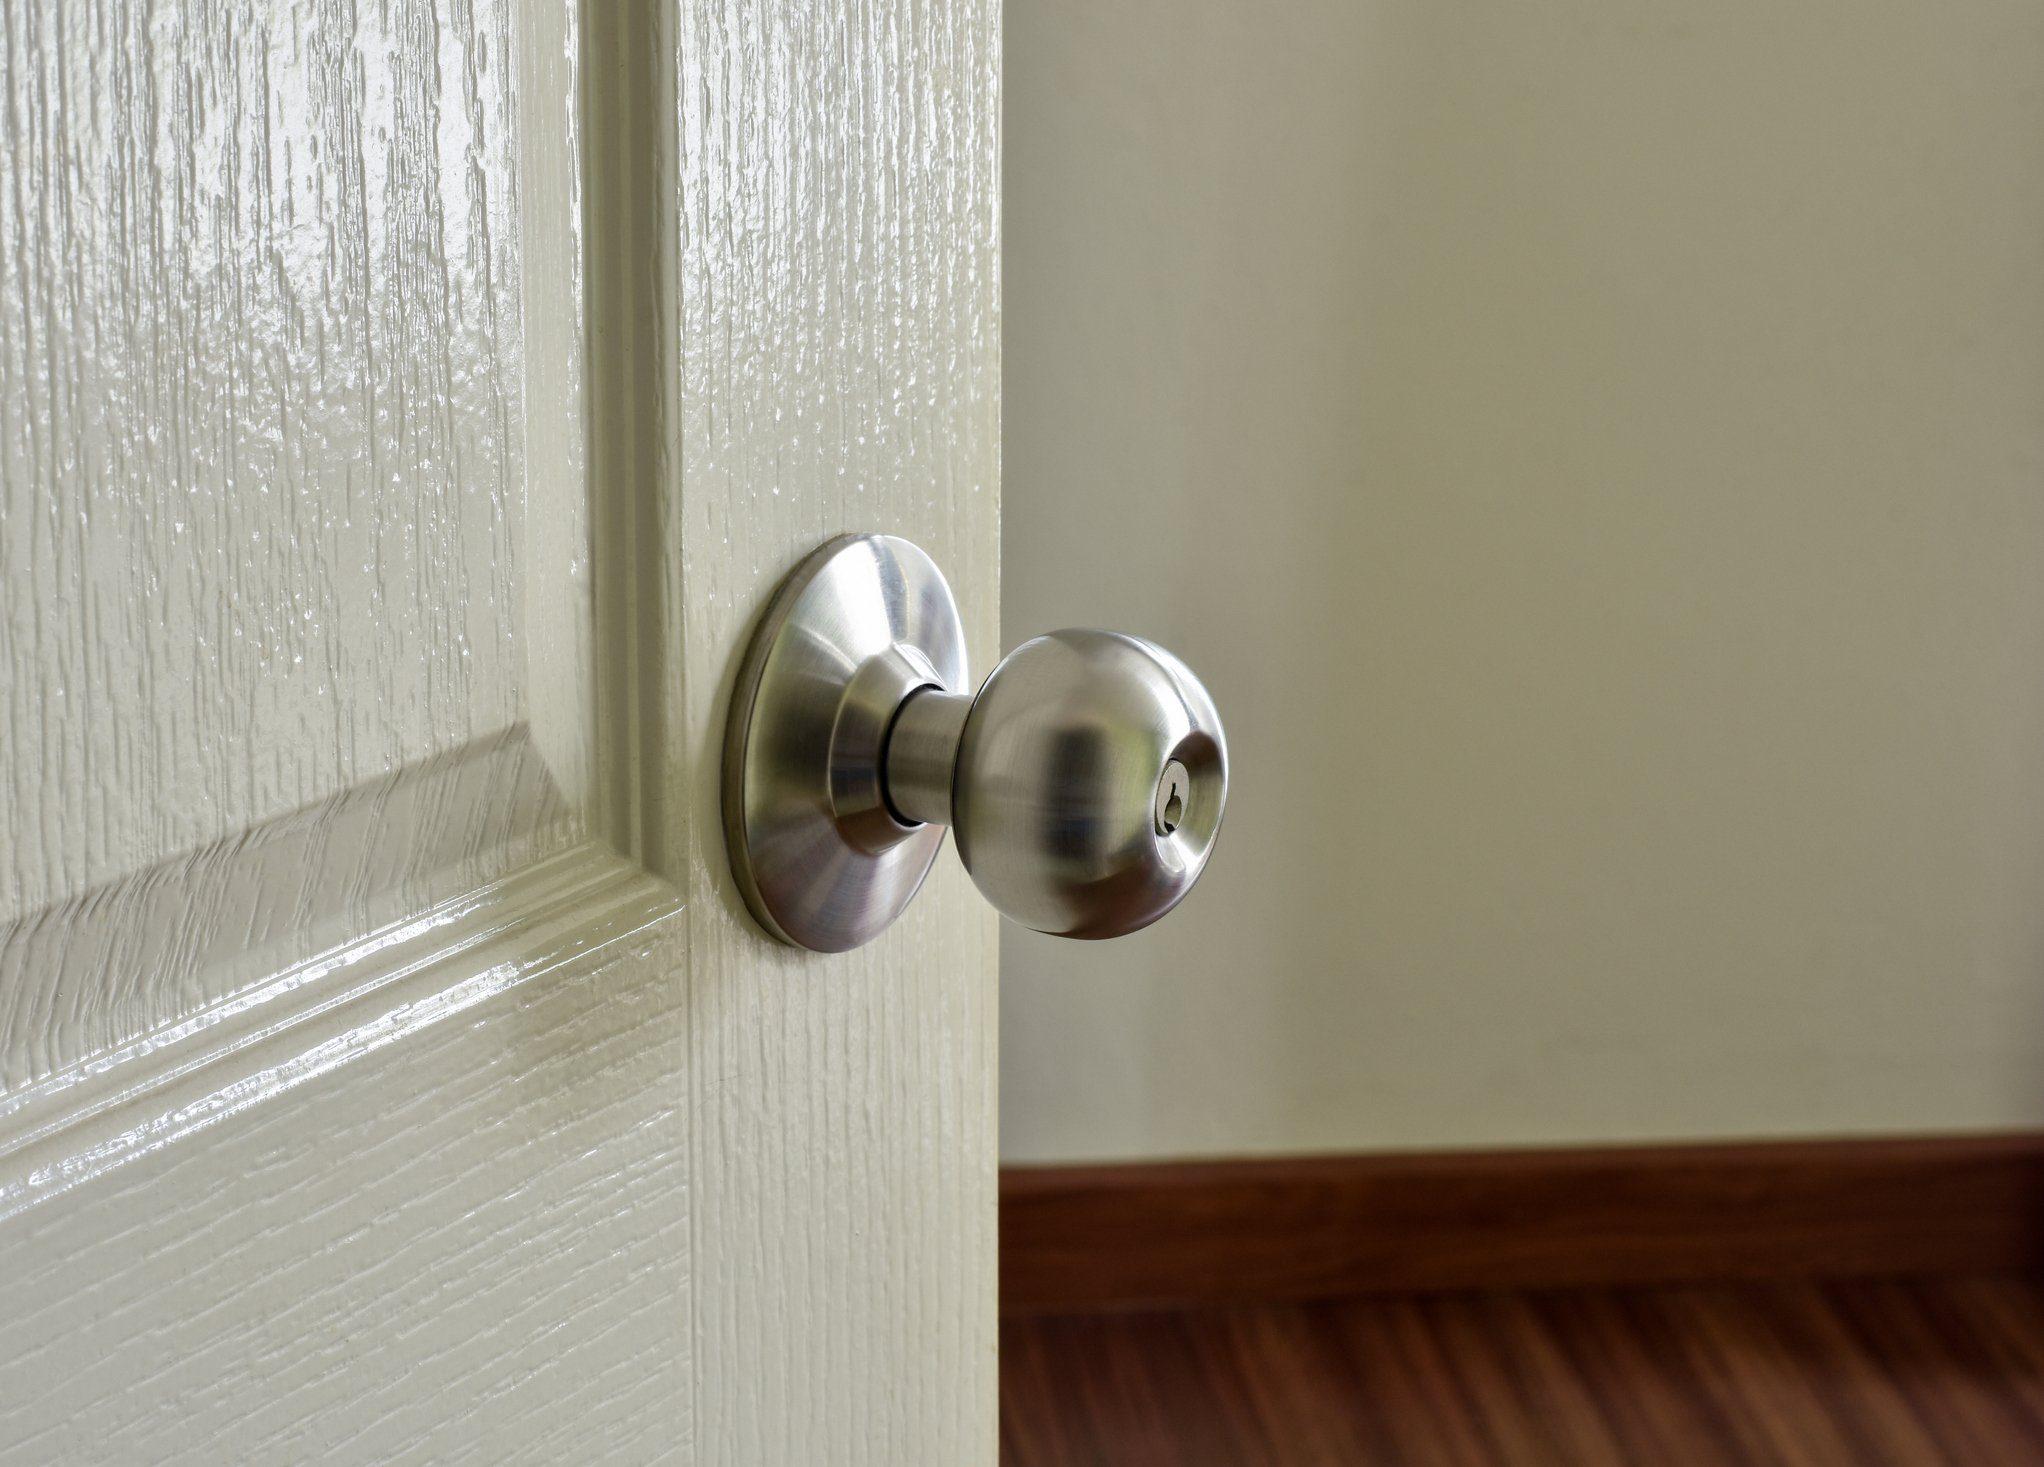 Metallic modern door knob on white wooden door.